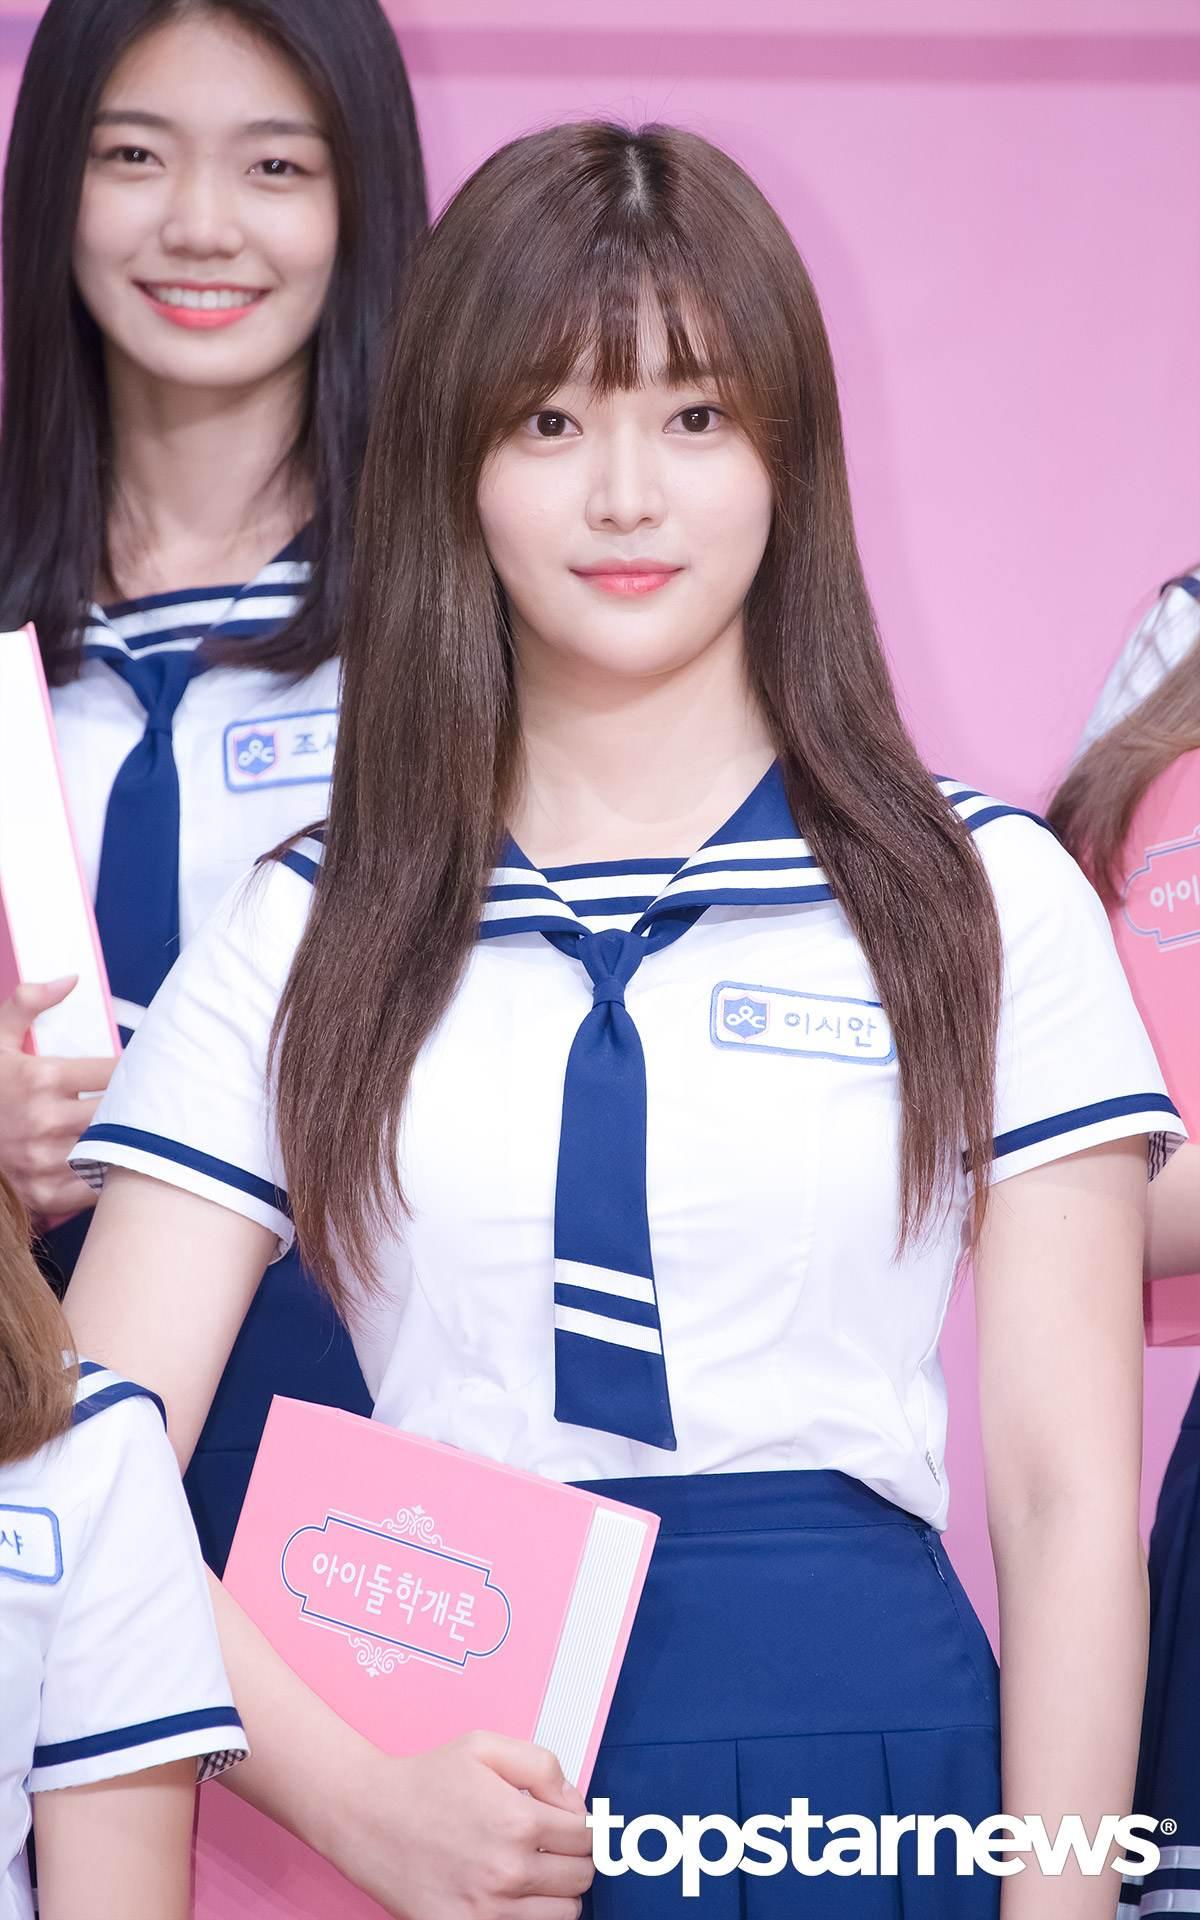 像是Mnet前一檔選秀節目《偶像學校》中落選成員李詩安(이시안,音譯)就驚喜出現在韓國48名練習生中。